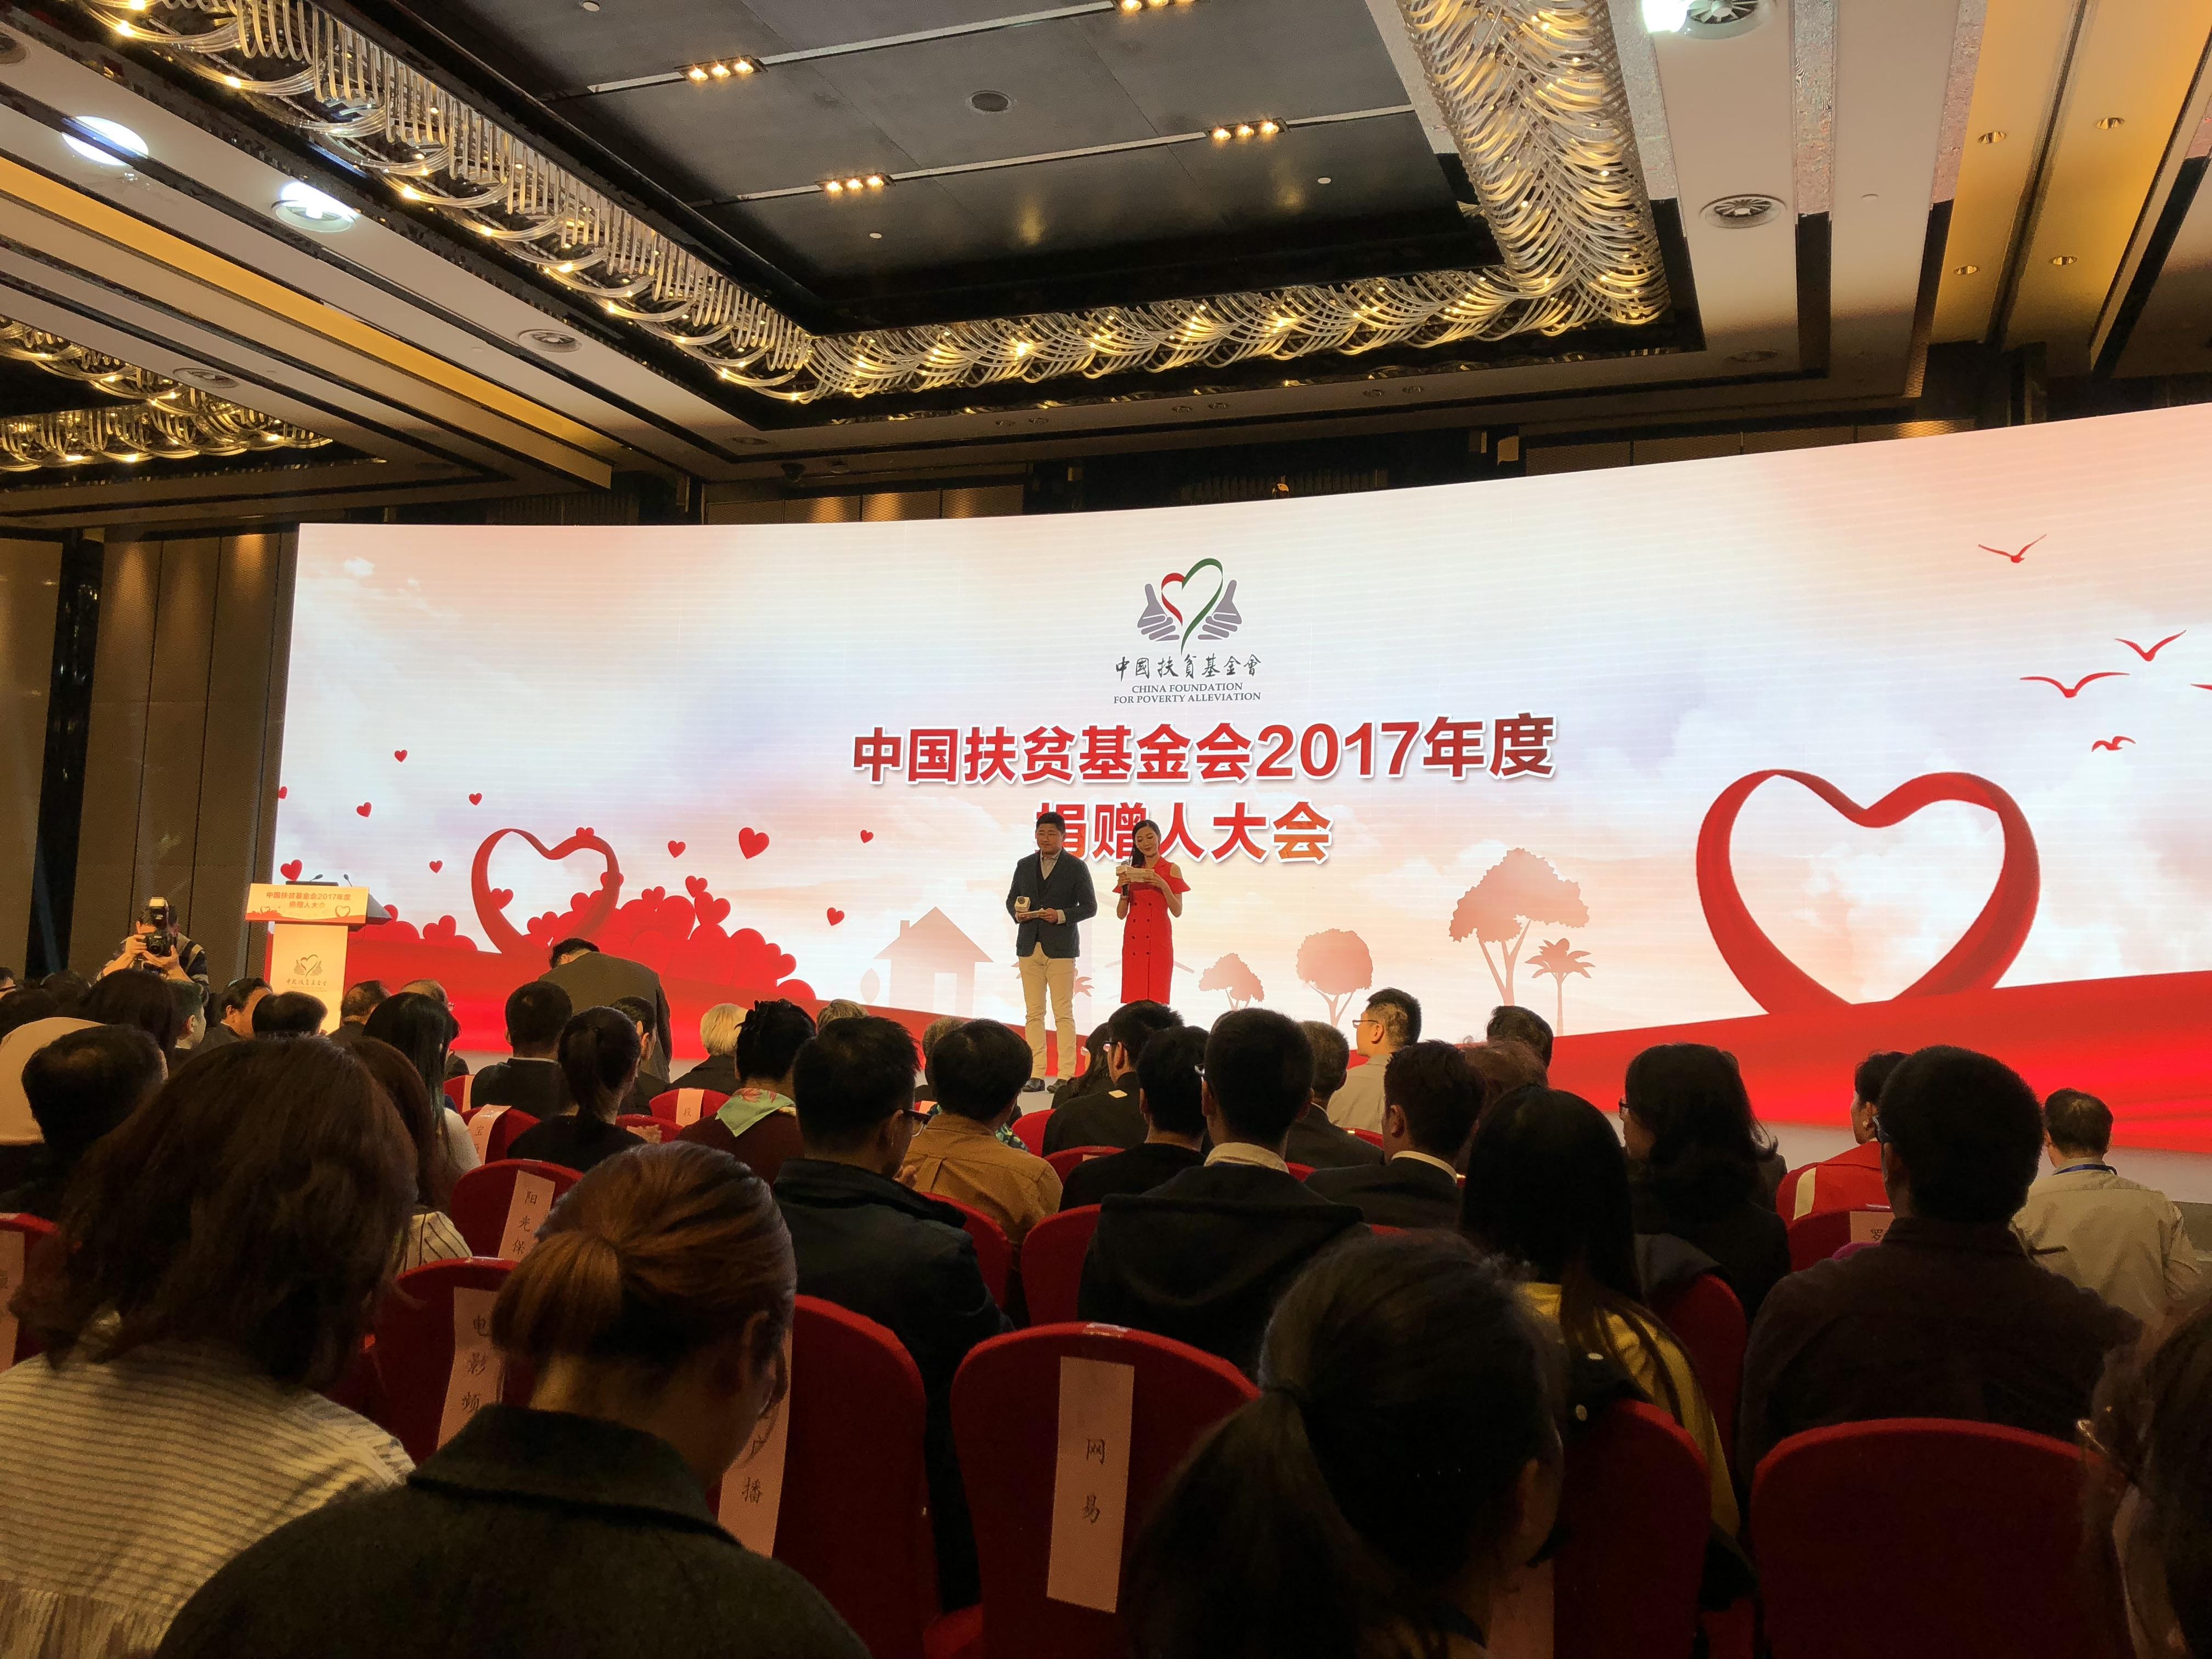 1中国扶贫基金会2017年度捐赠人大会现场